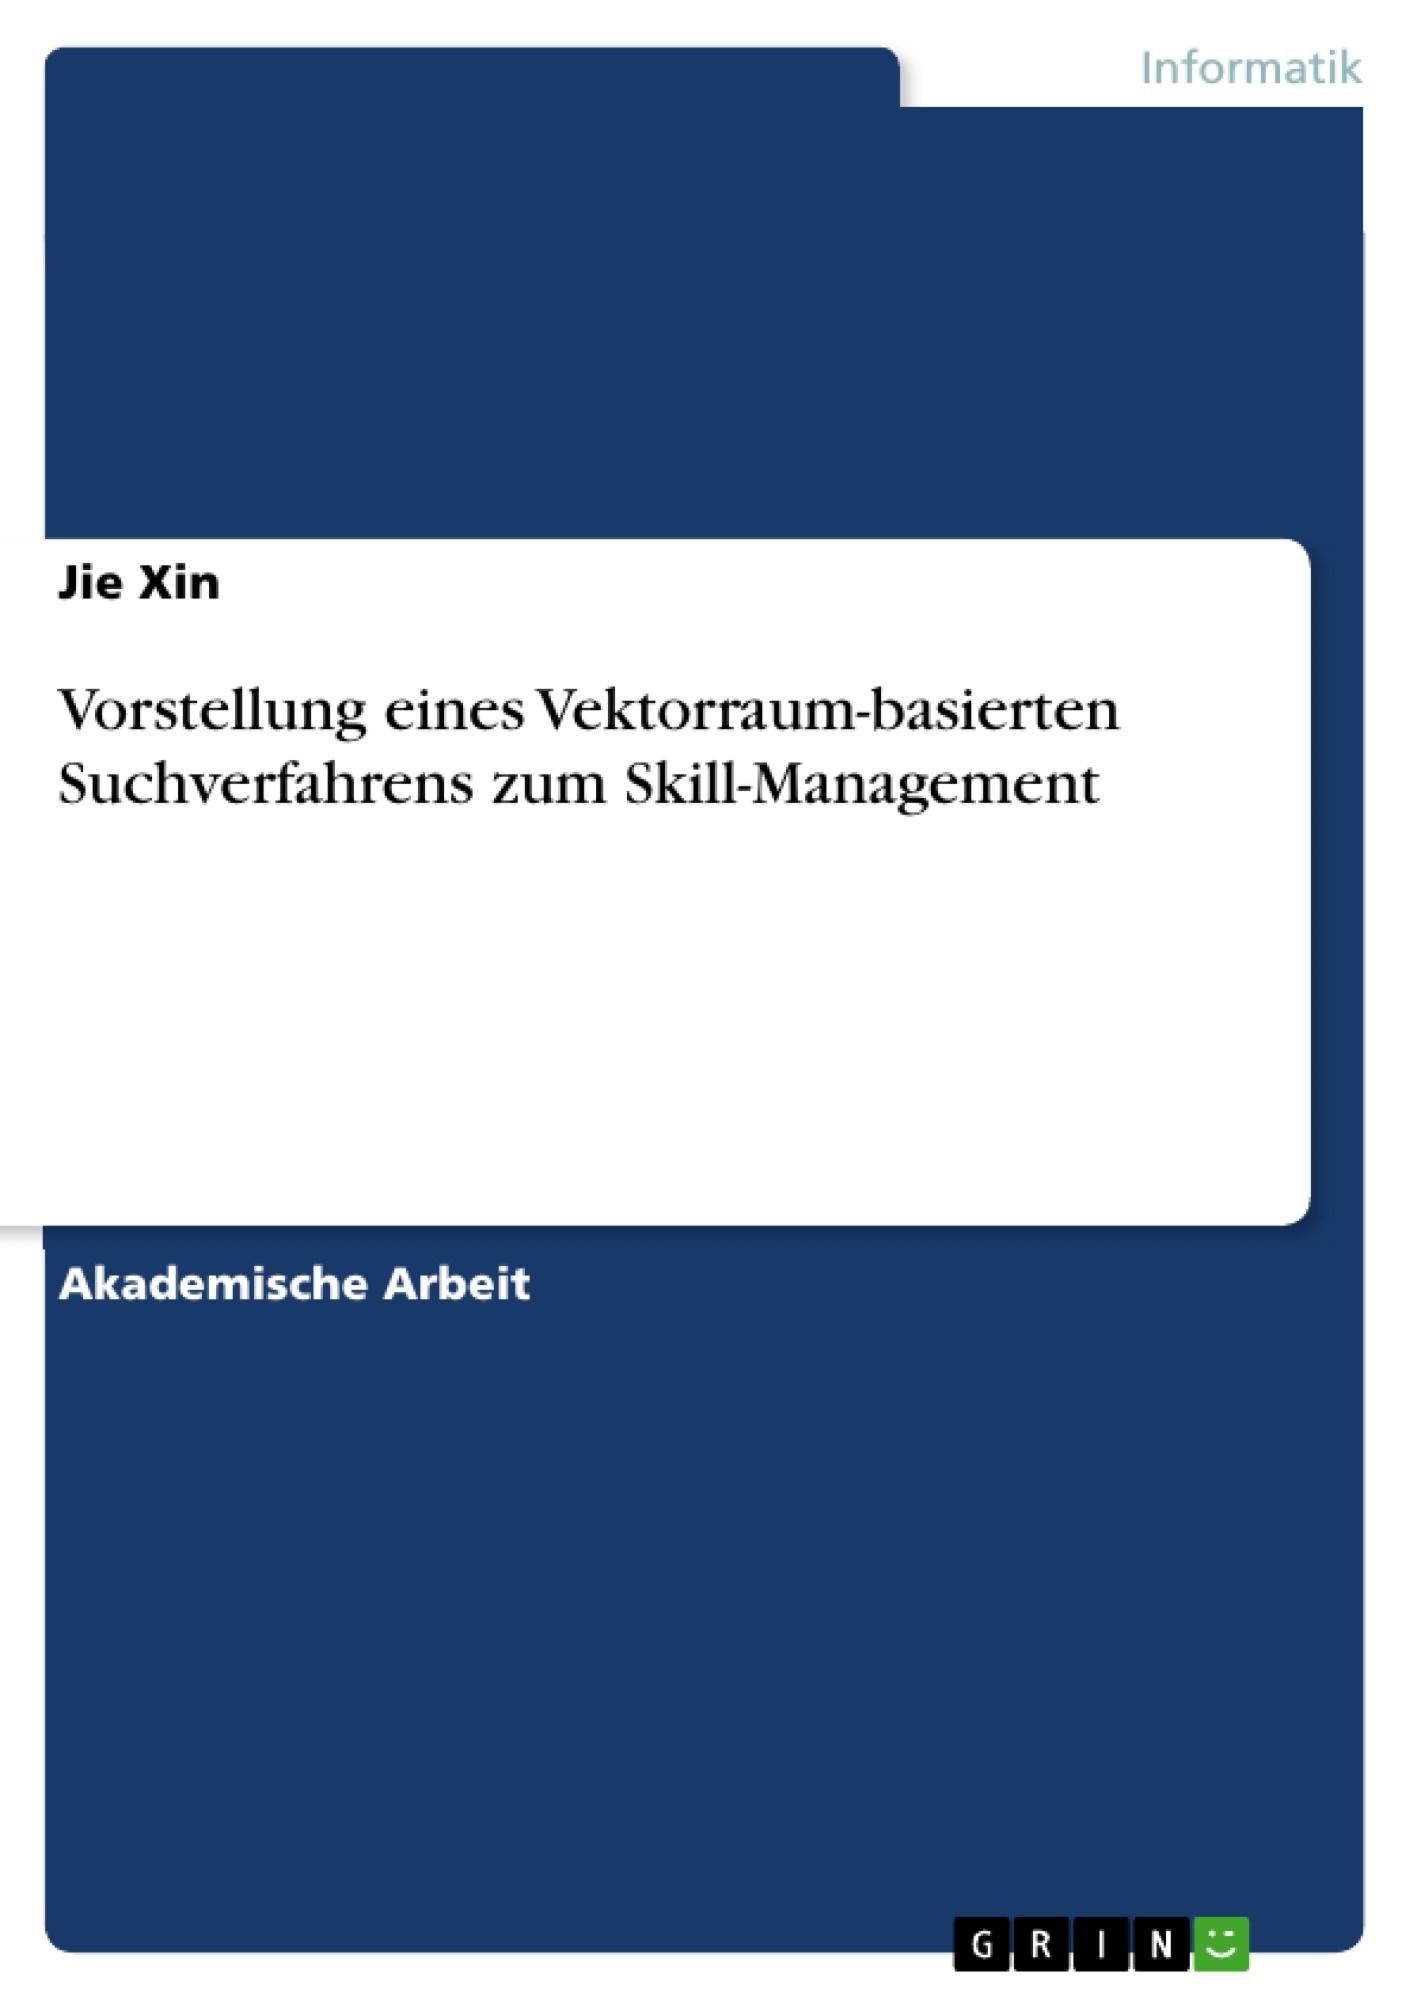 Titel: Vorstellung eines Vektorraum-basierten Suchverfahrens zum Skill-Management